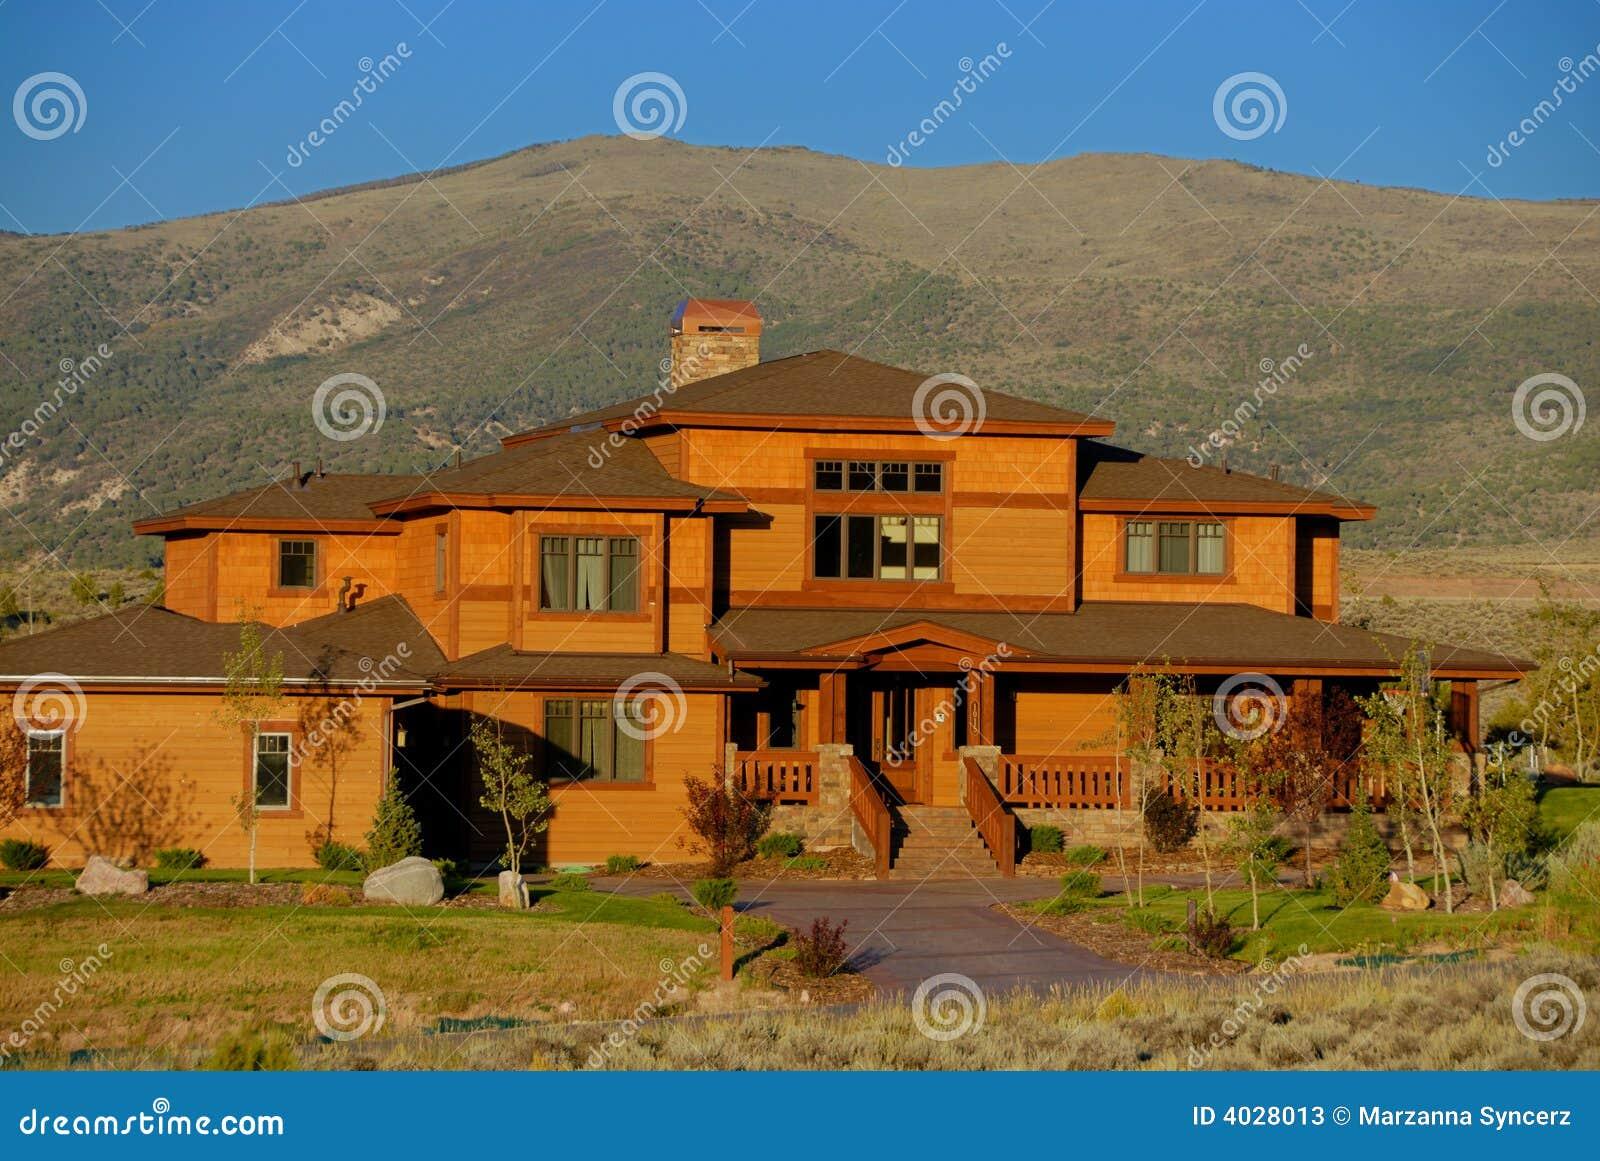 mountainside colorado house stock photos image 4028013